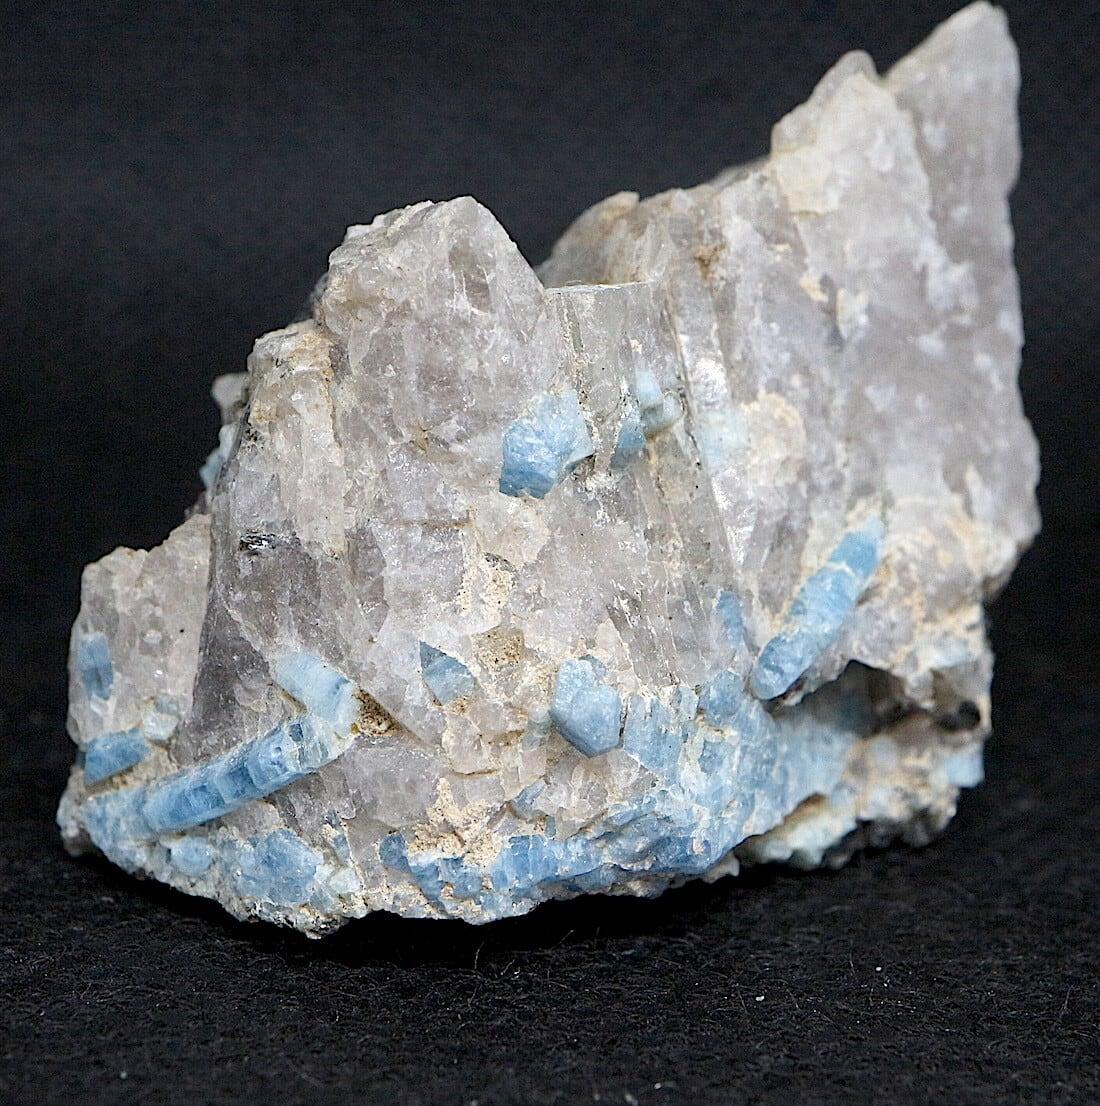 ブルーベリルアクアマリン カリフォルニア産  47g 原石 AQ107 鉱物 原石 天然石 パワーストーン